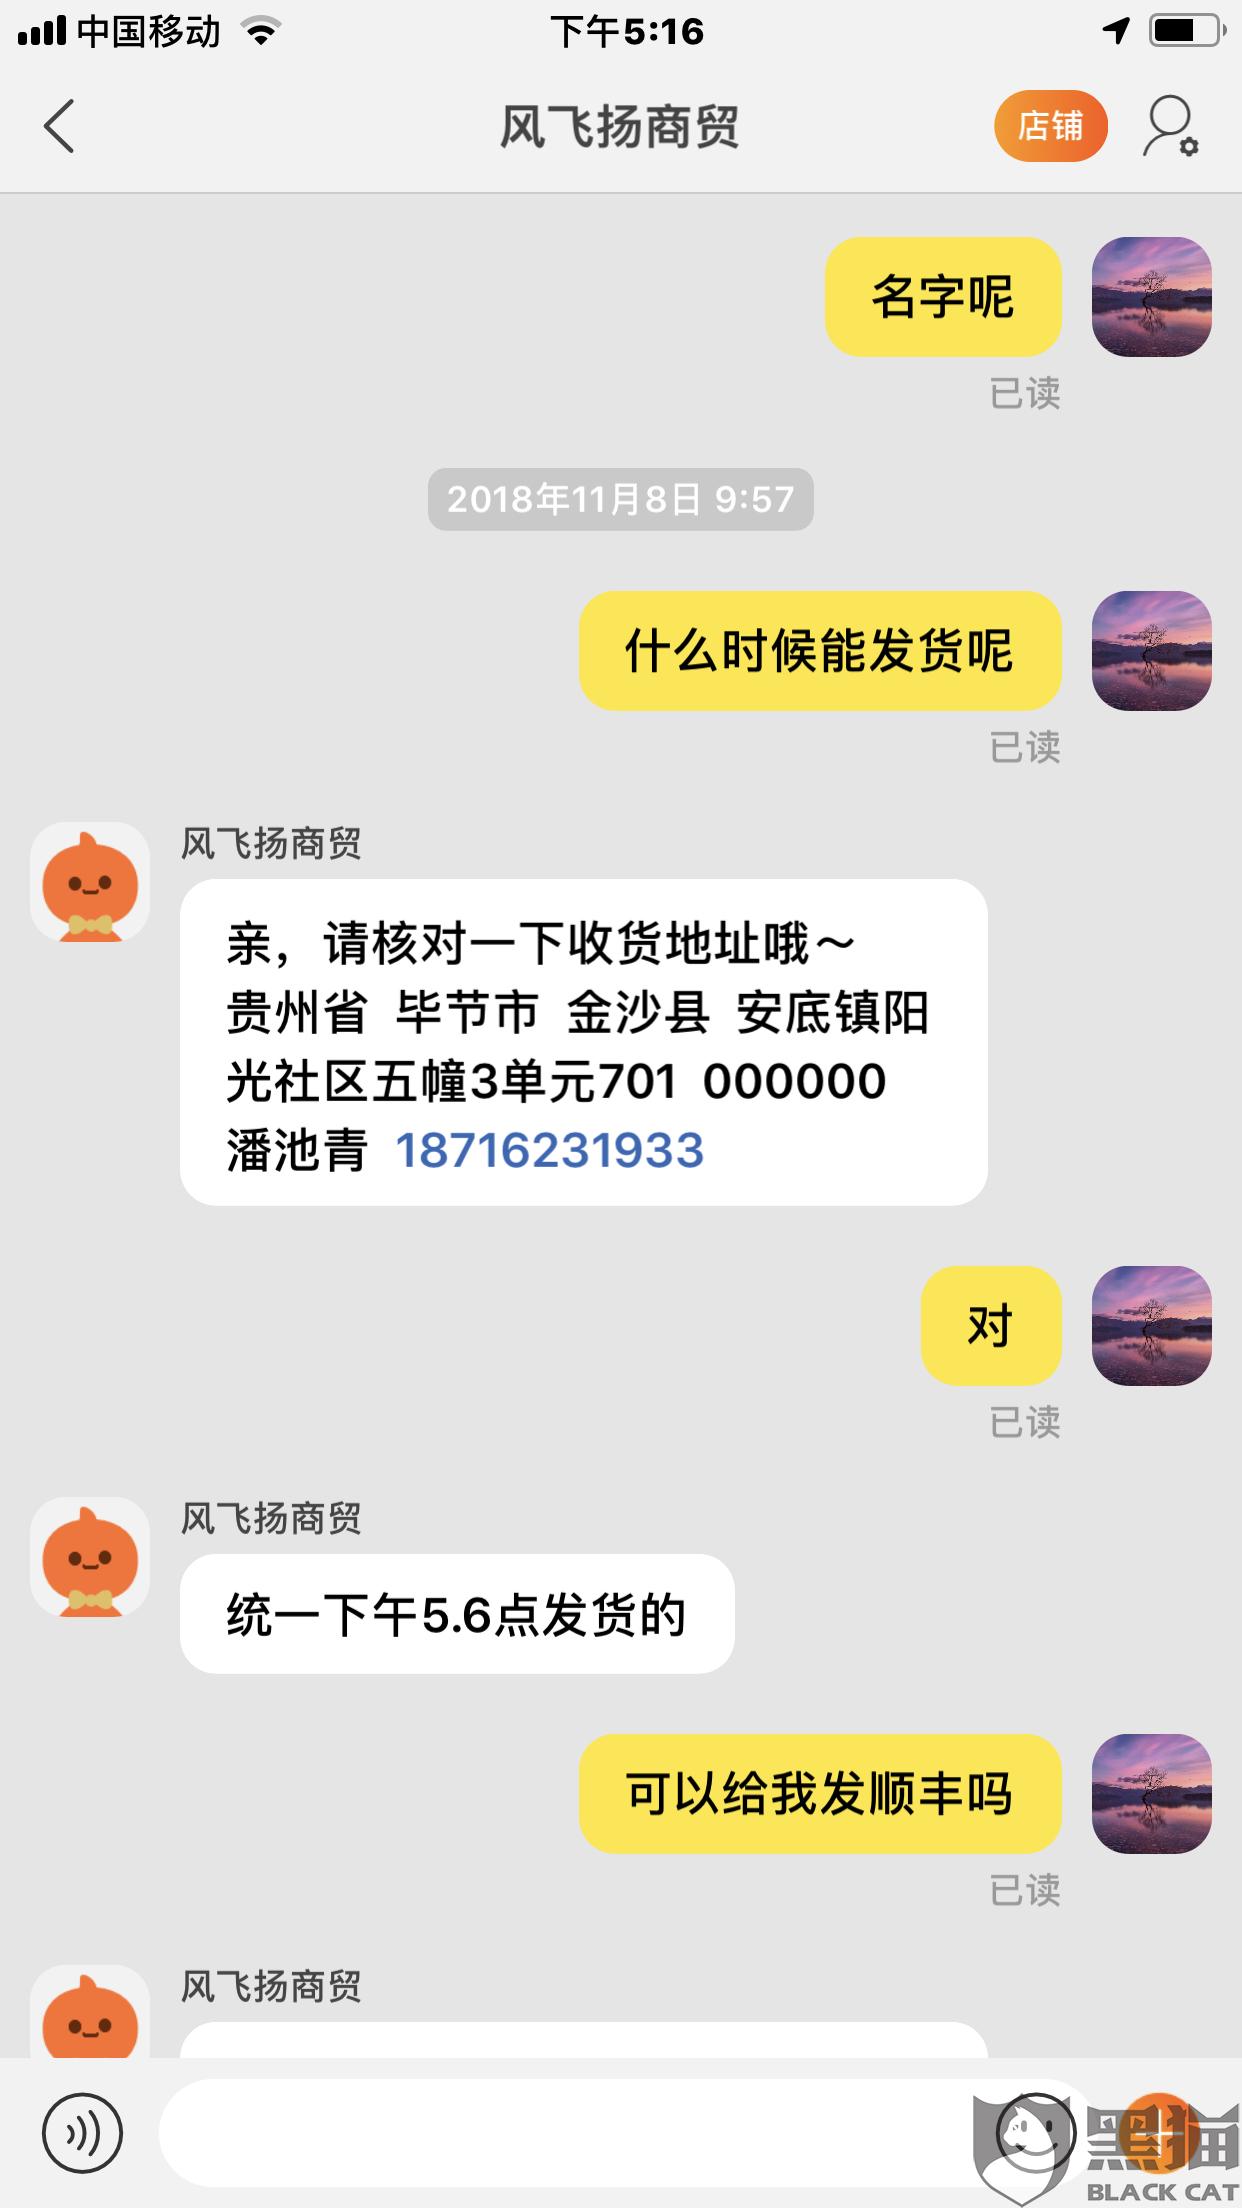 黑猫投诉:2018年11月8号在淘宝网上买了一台苹果x